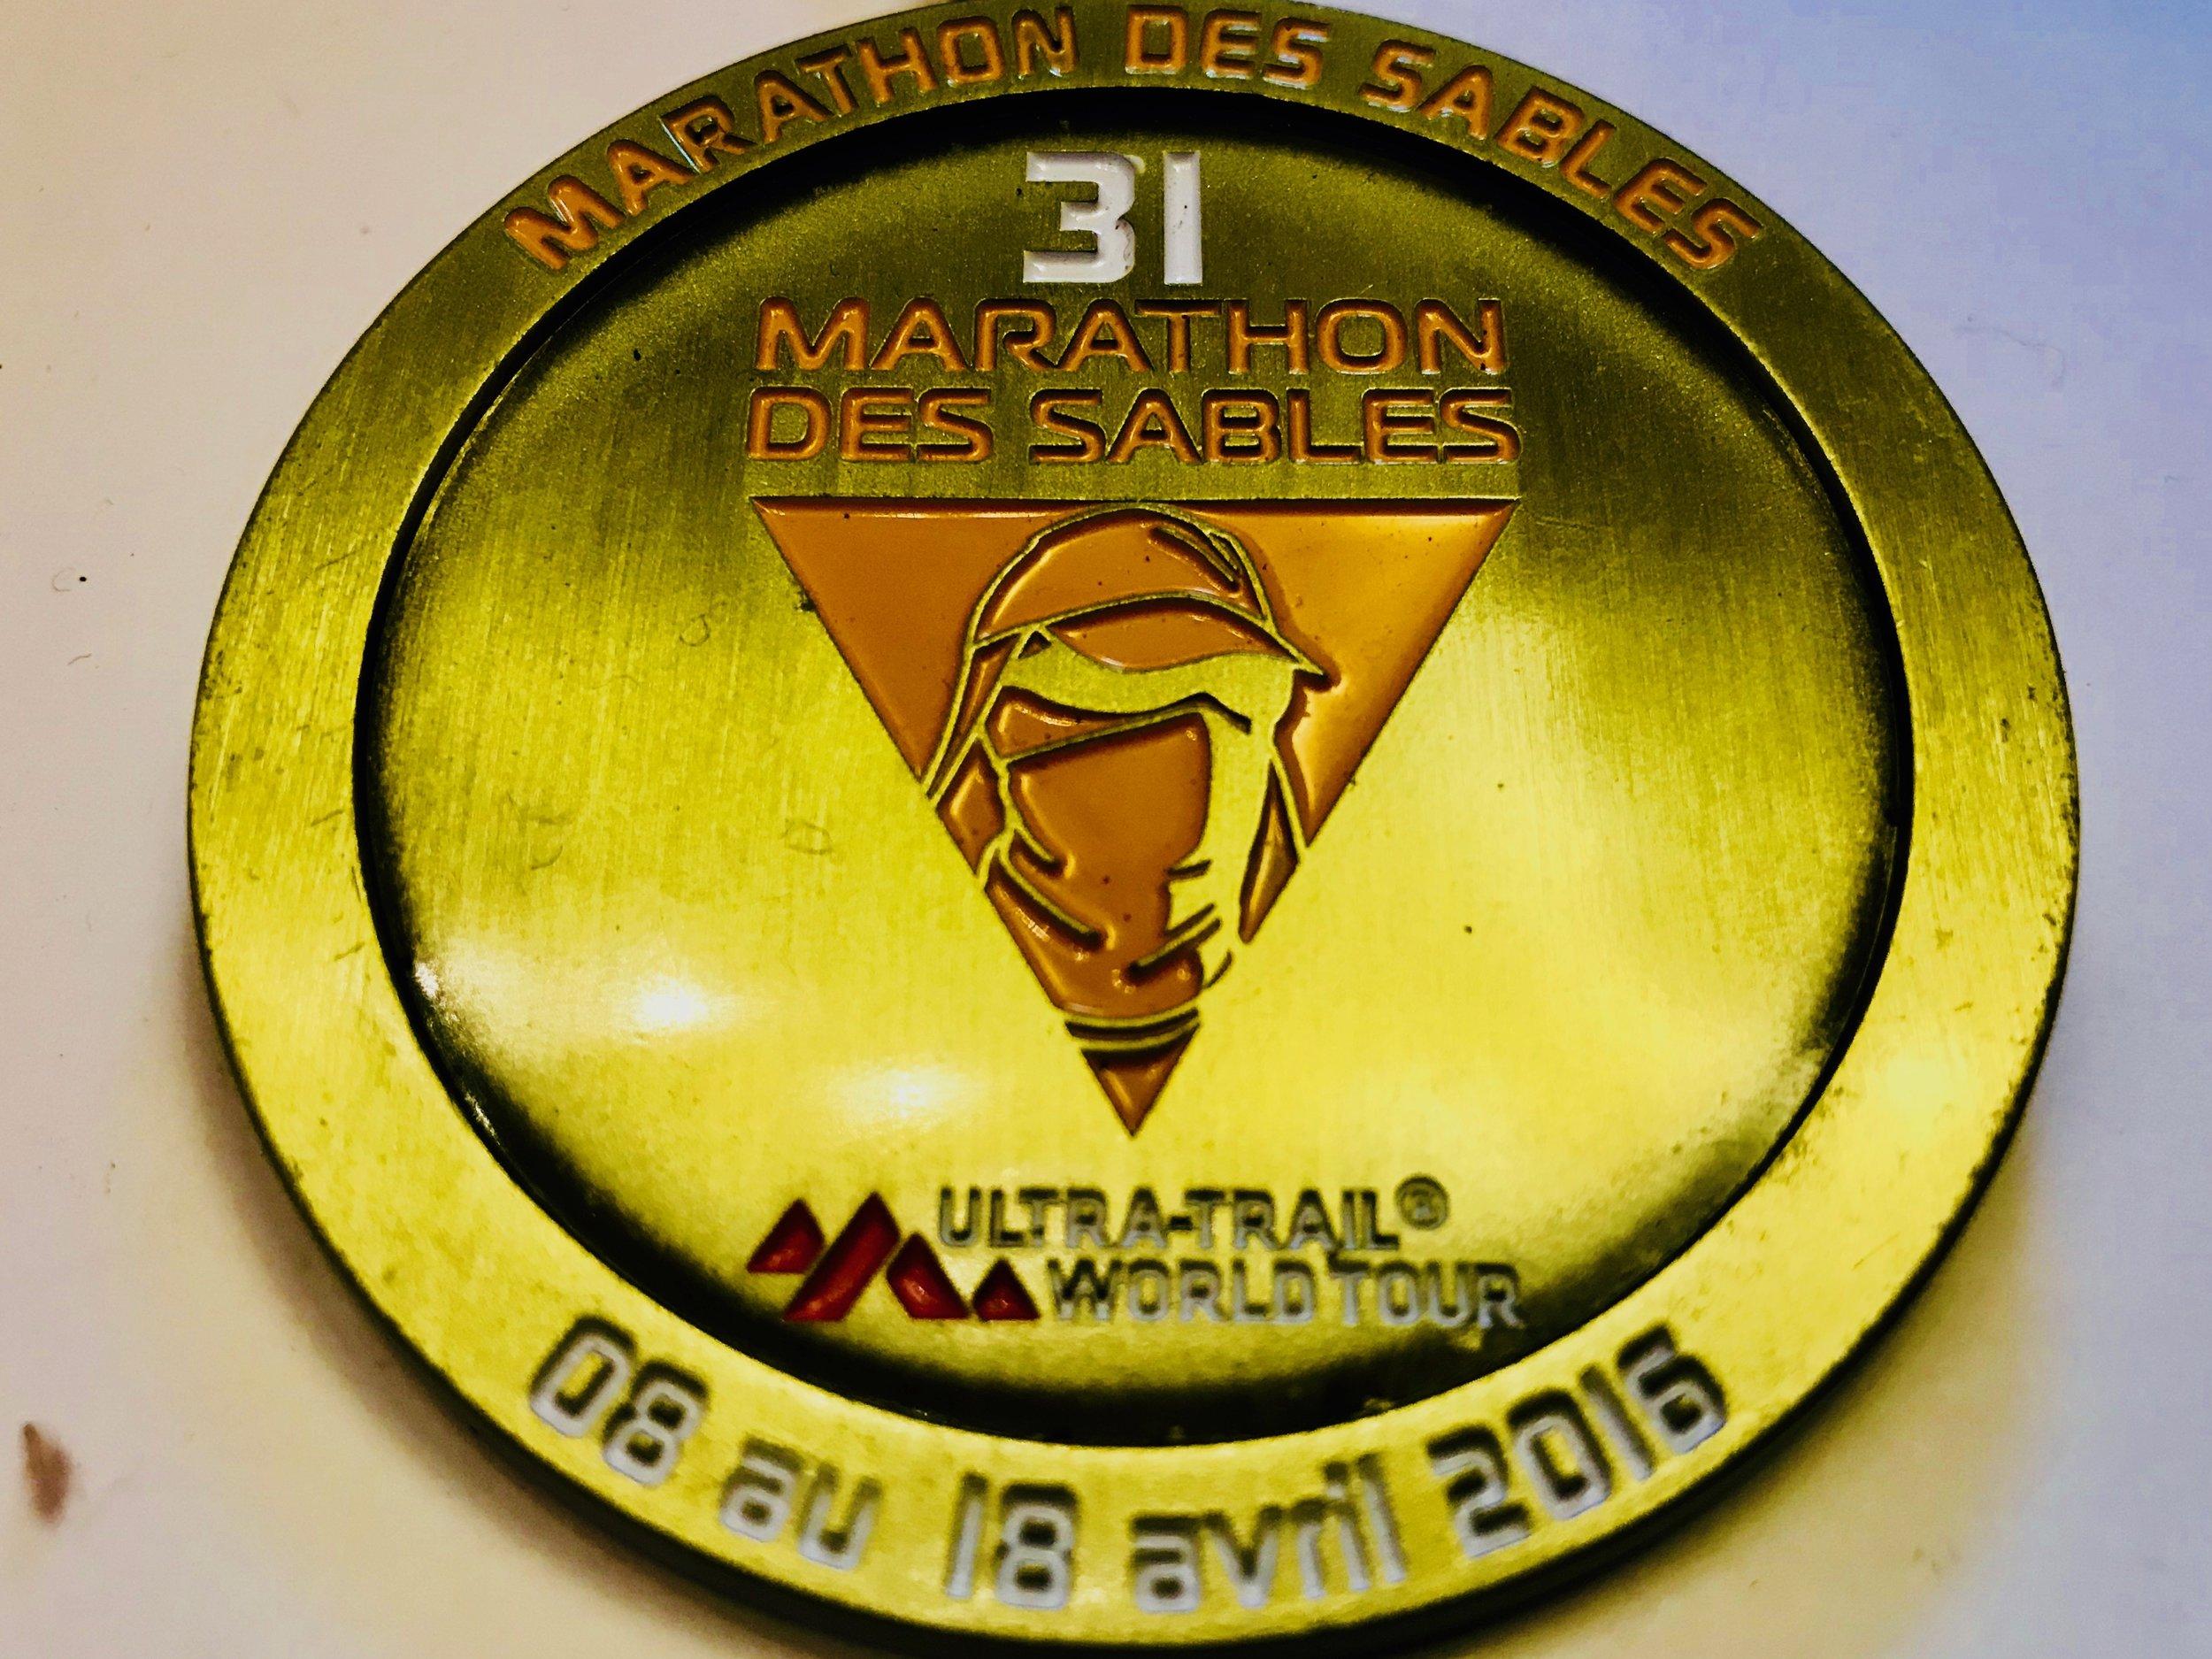 marathon-des-sables-medal.jpeg